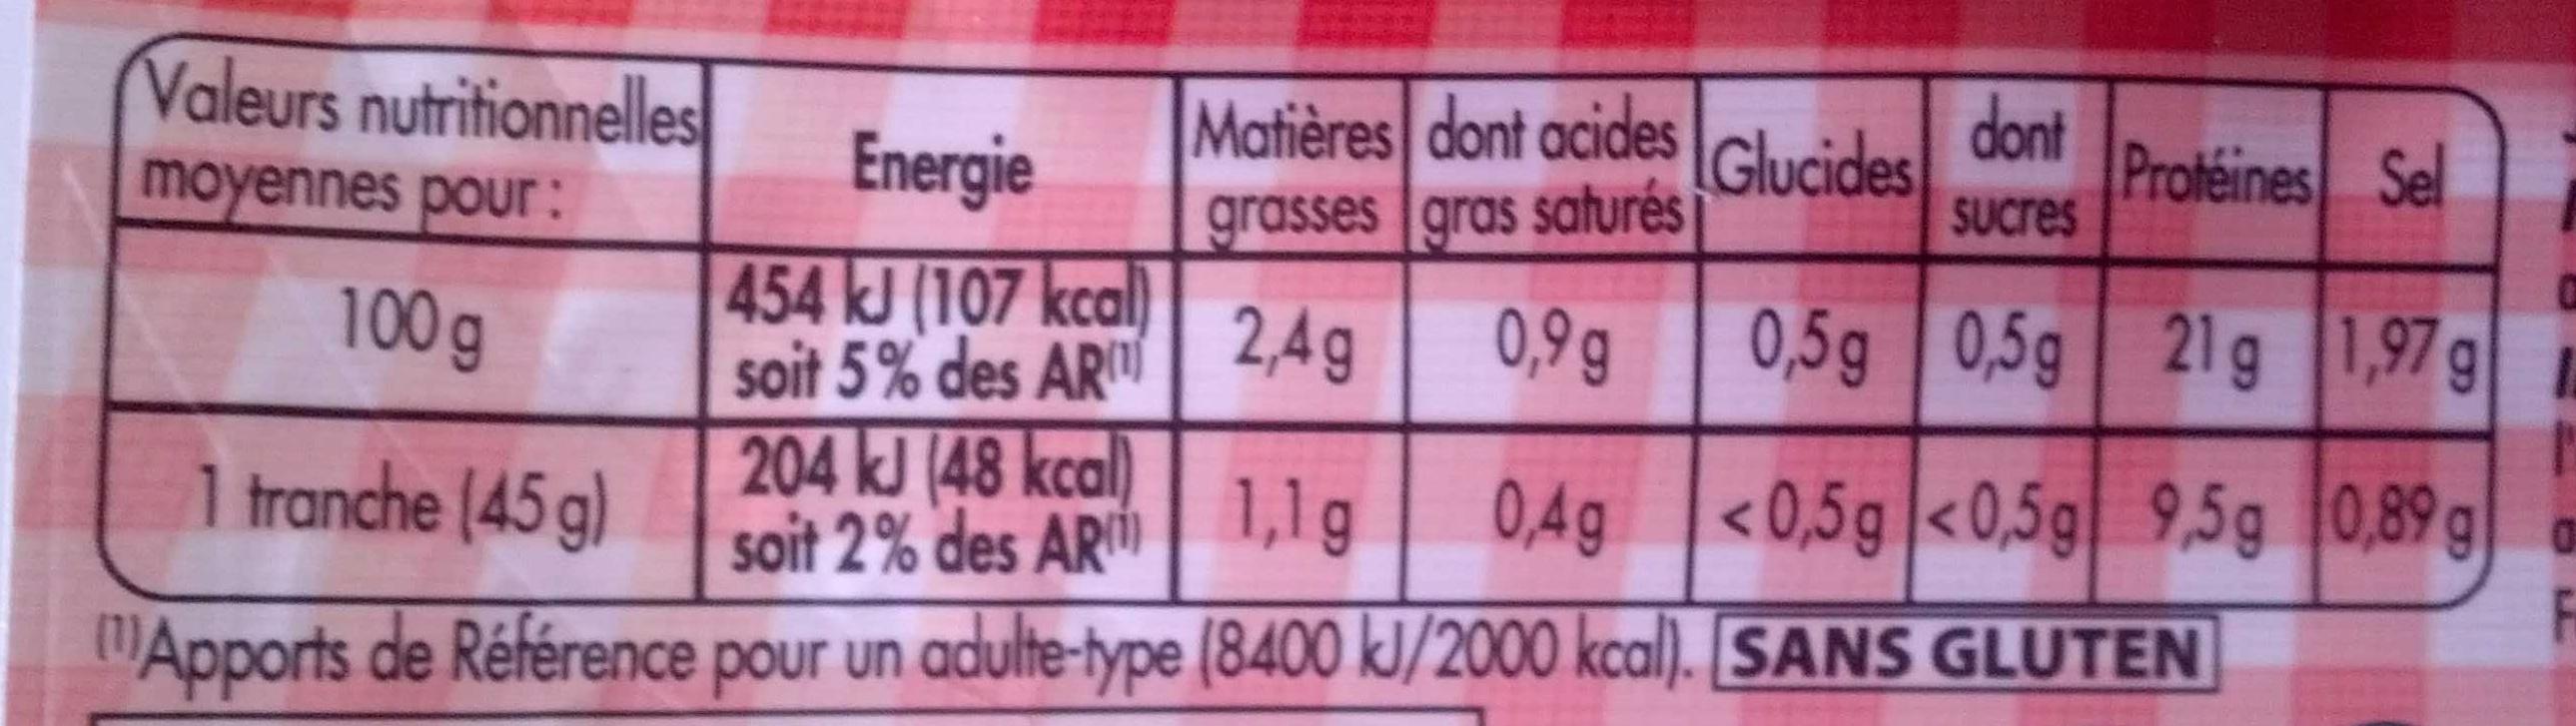 Mon Paris sans couenne - Nutrition facts